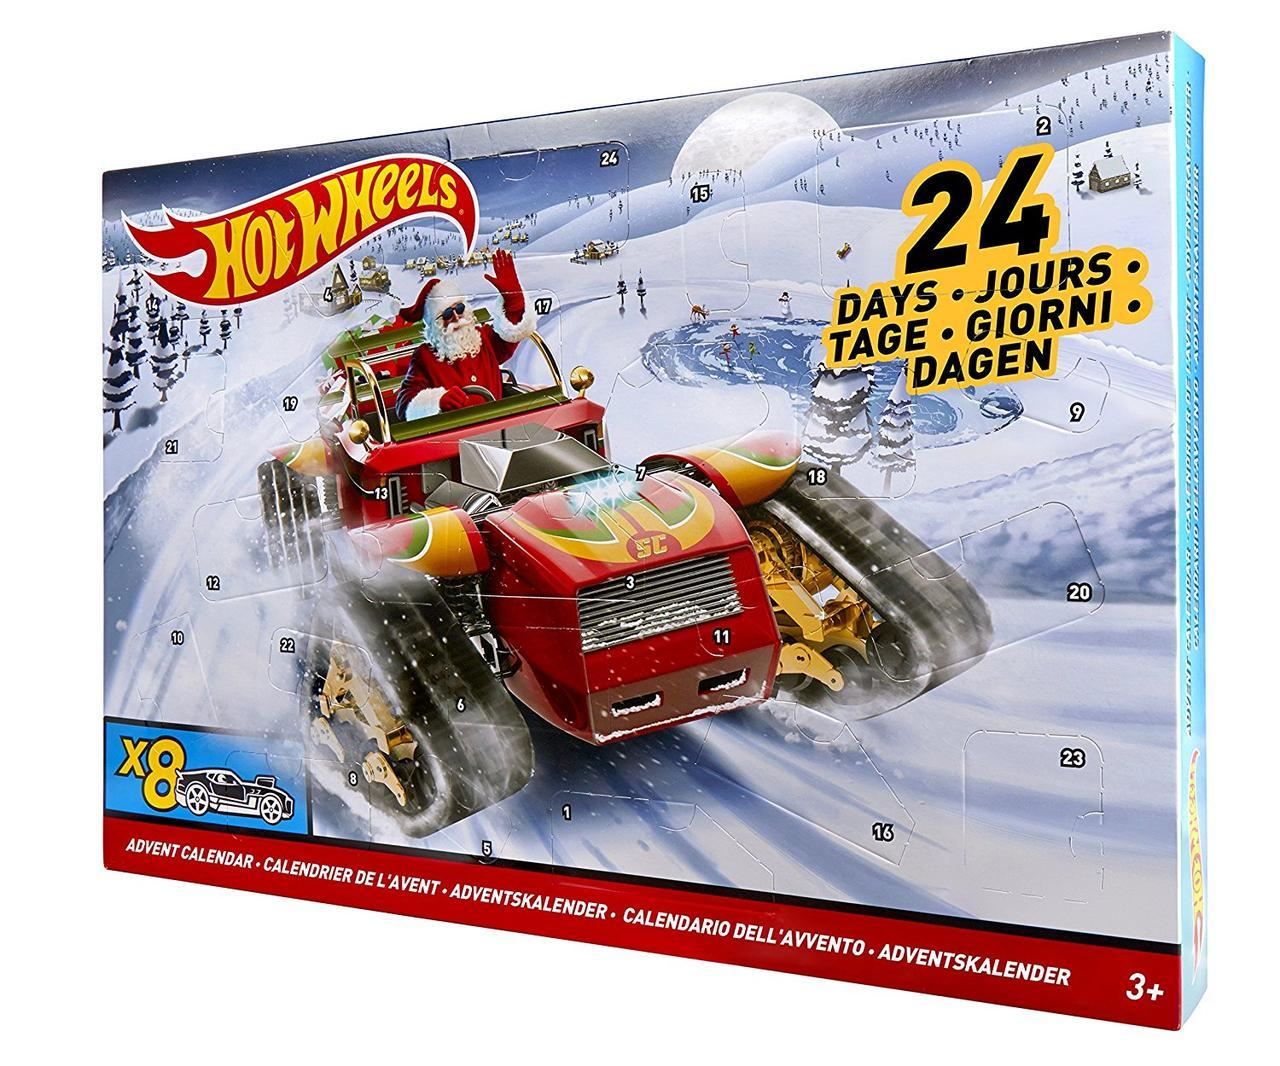 3f8bb7c477fc Рождественский календарь Хот Вилс 2017 - Интернет-магазин